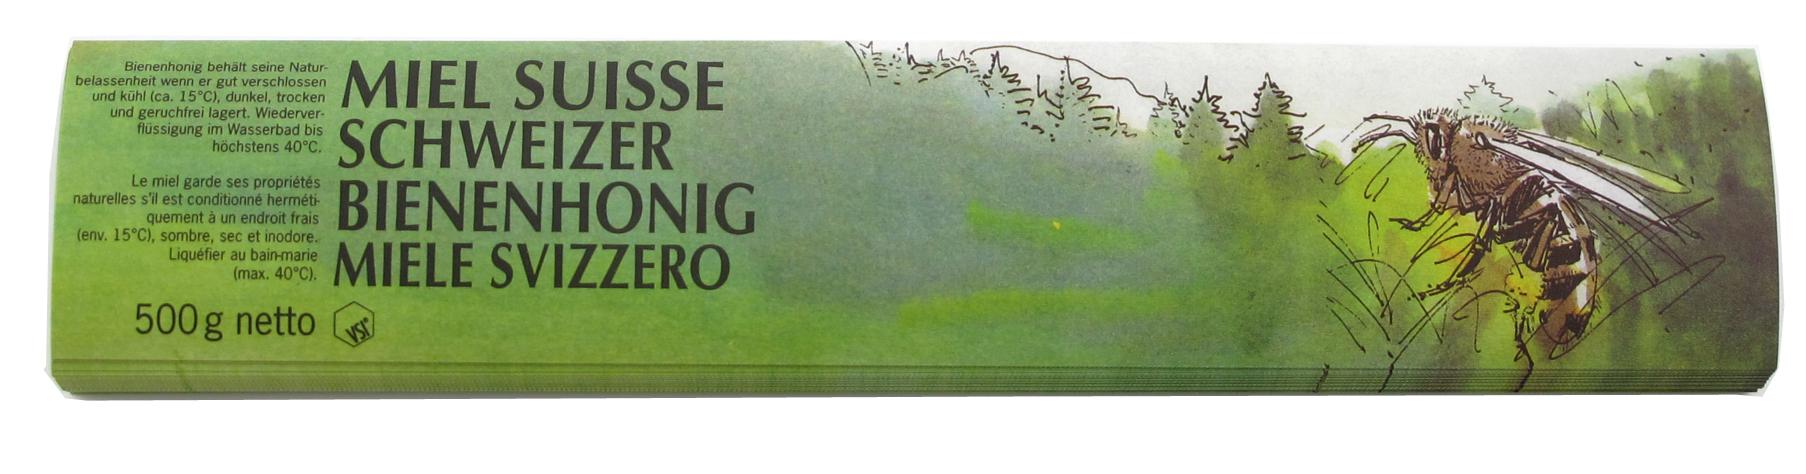 VSI Honig Etiketten 250 g grün